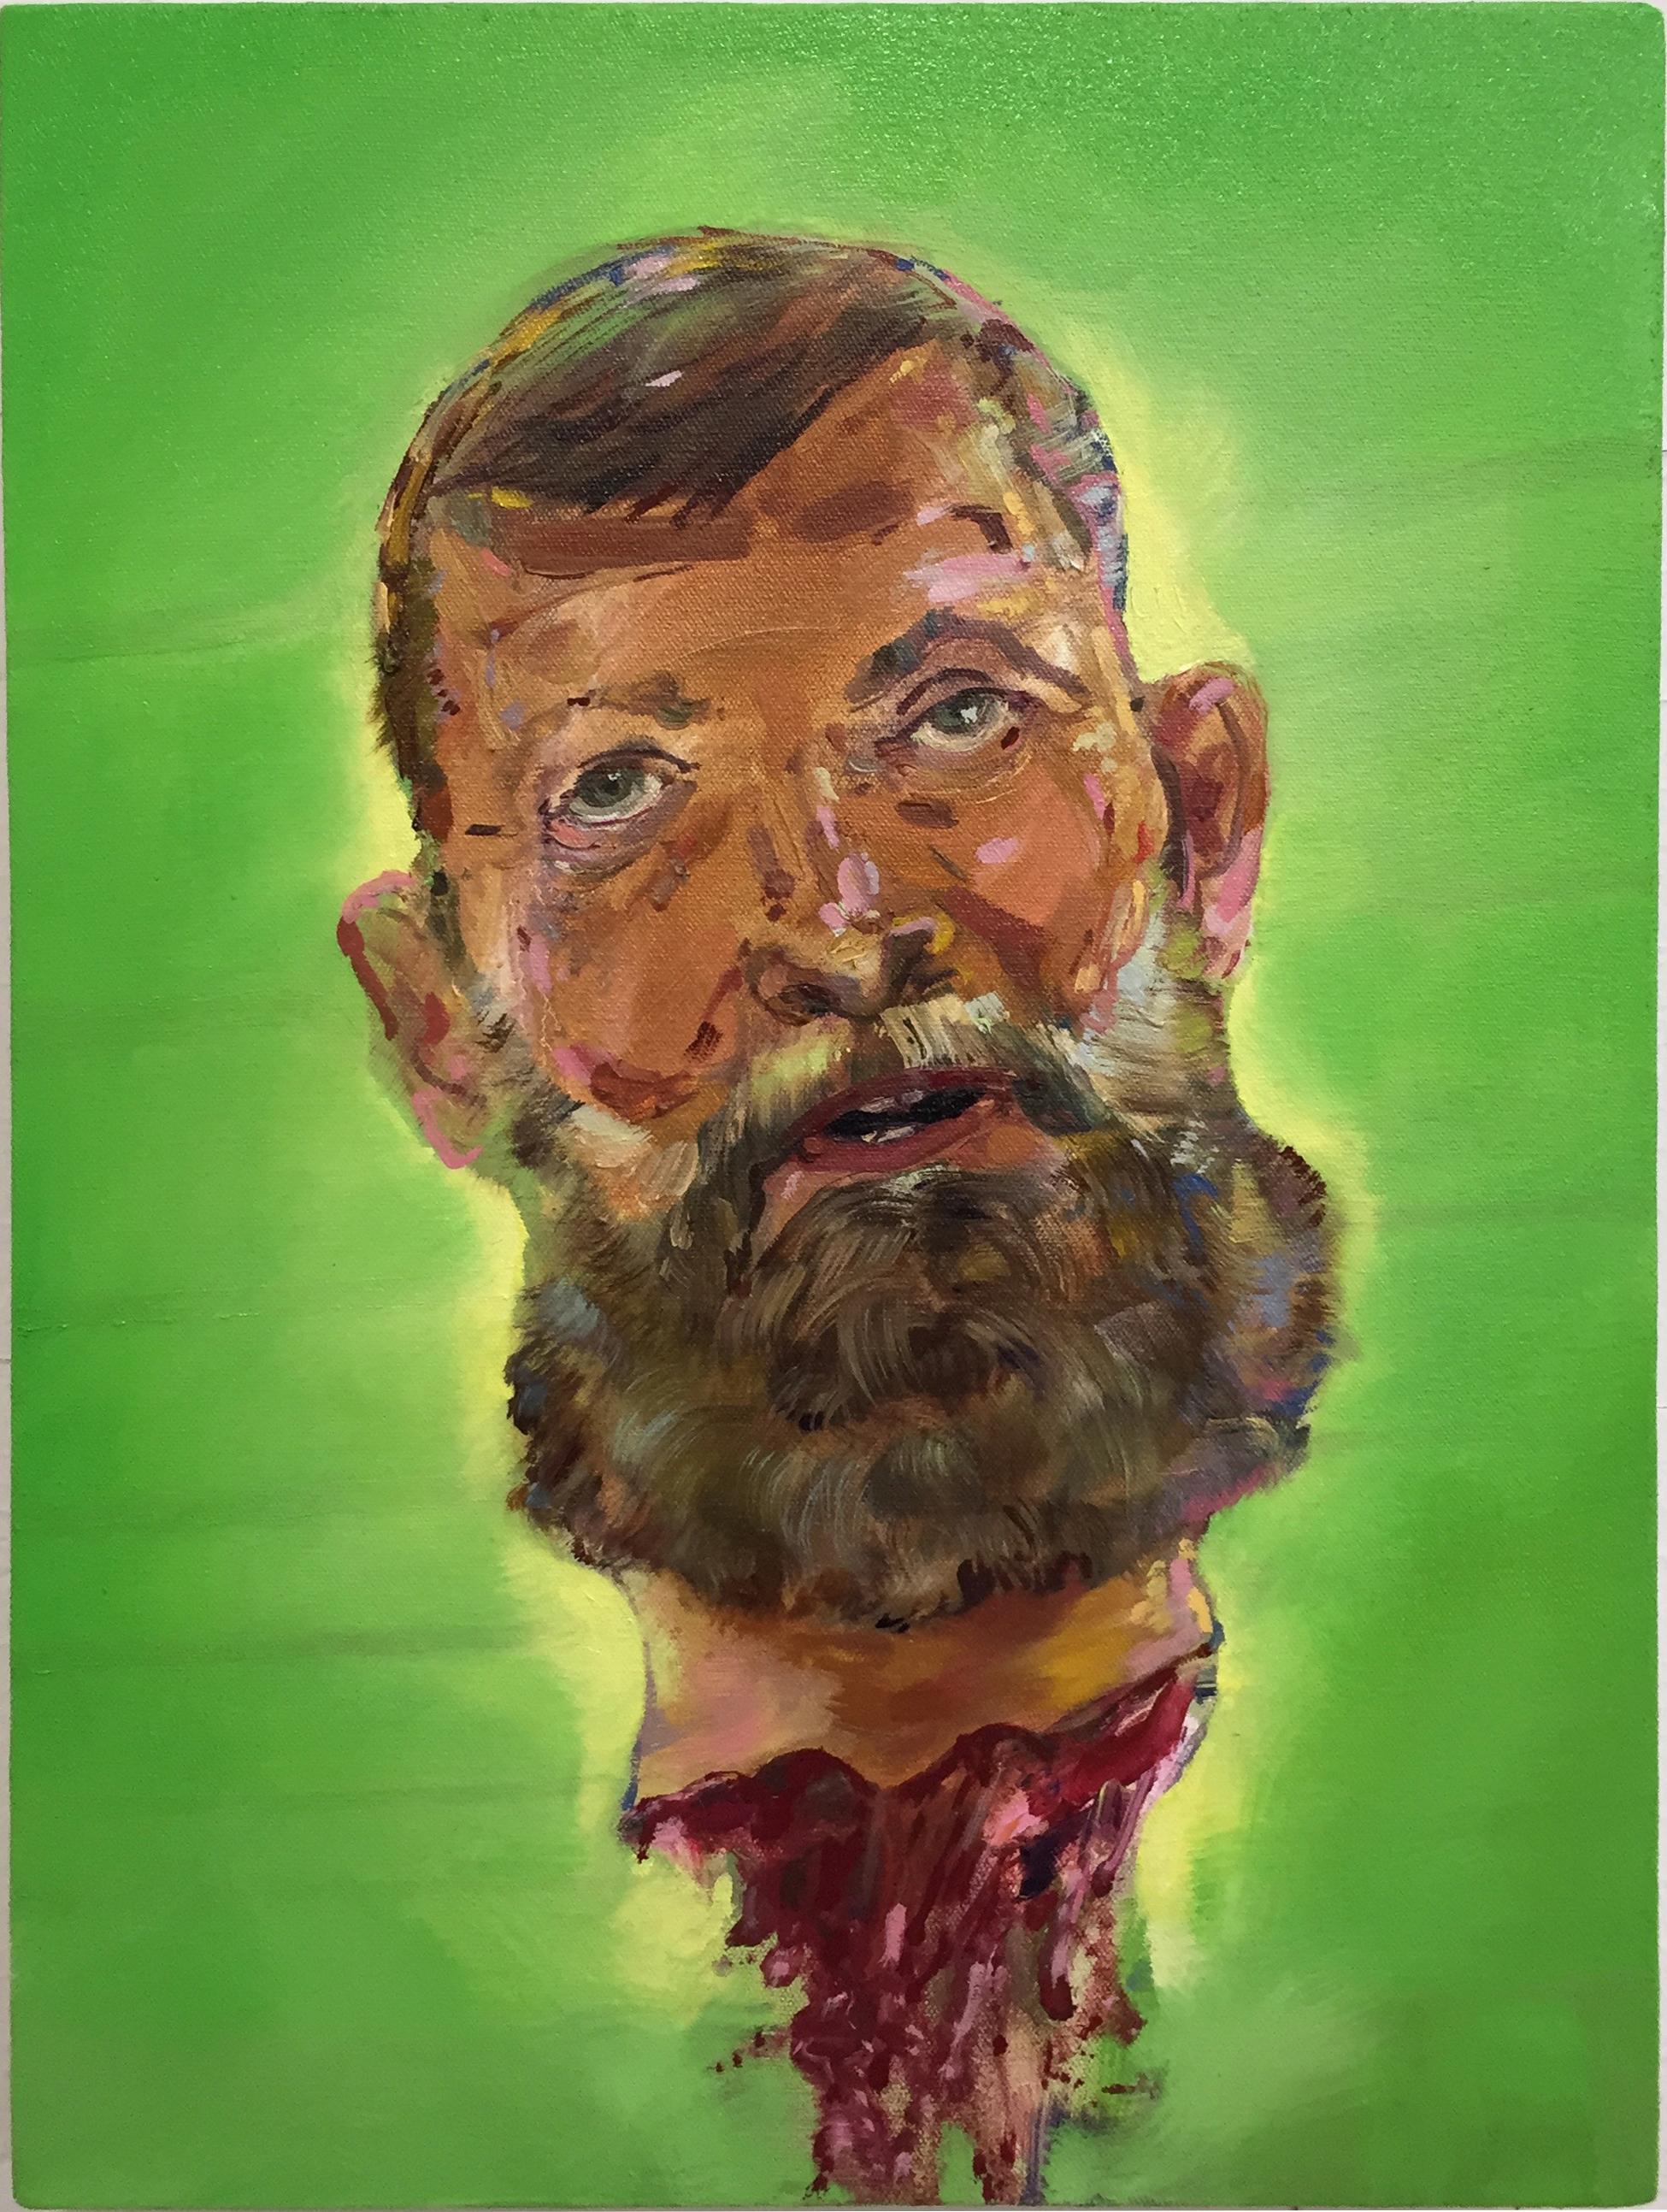 William E. Jones Beheaded